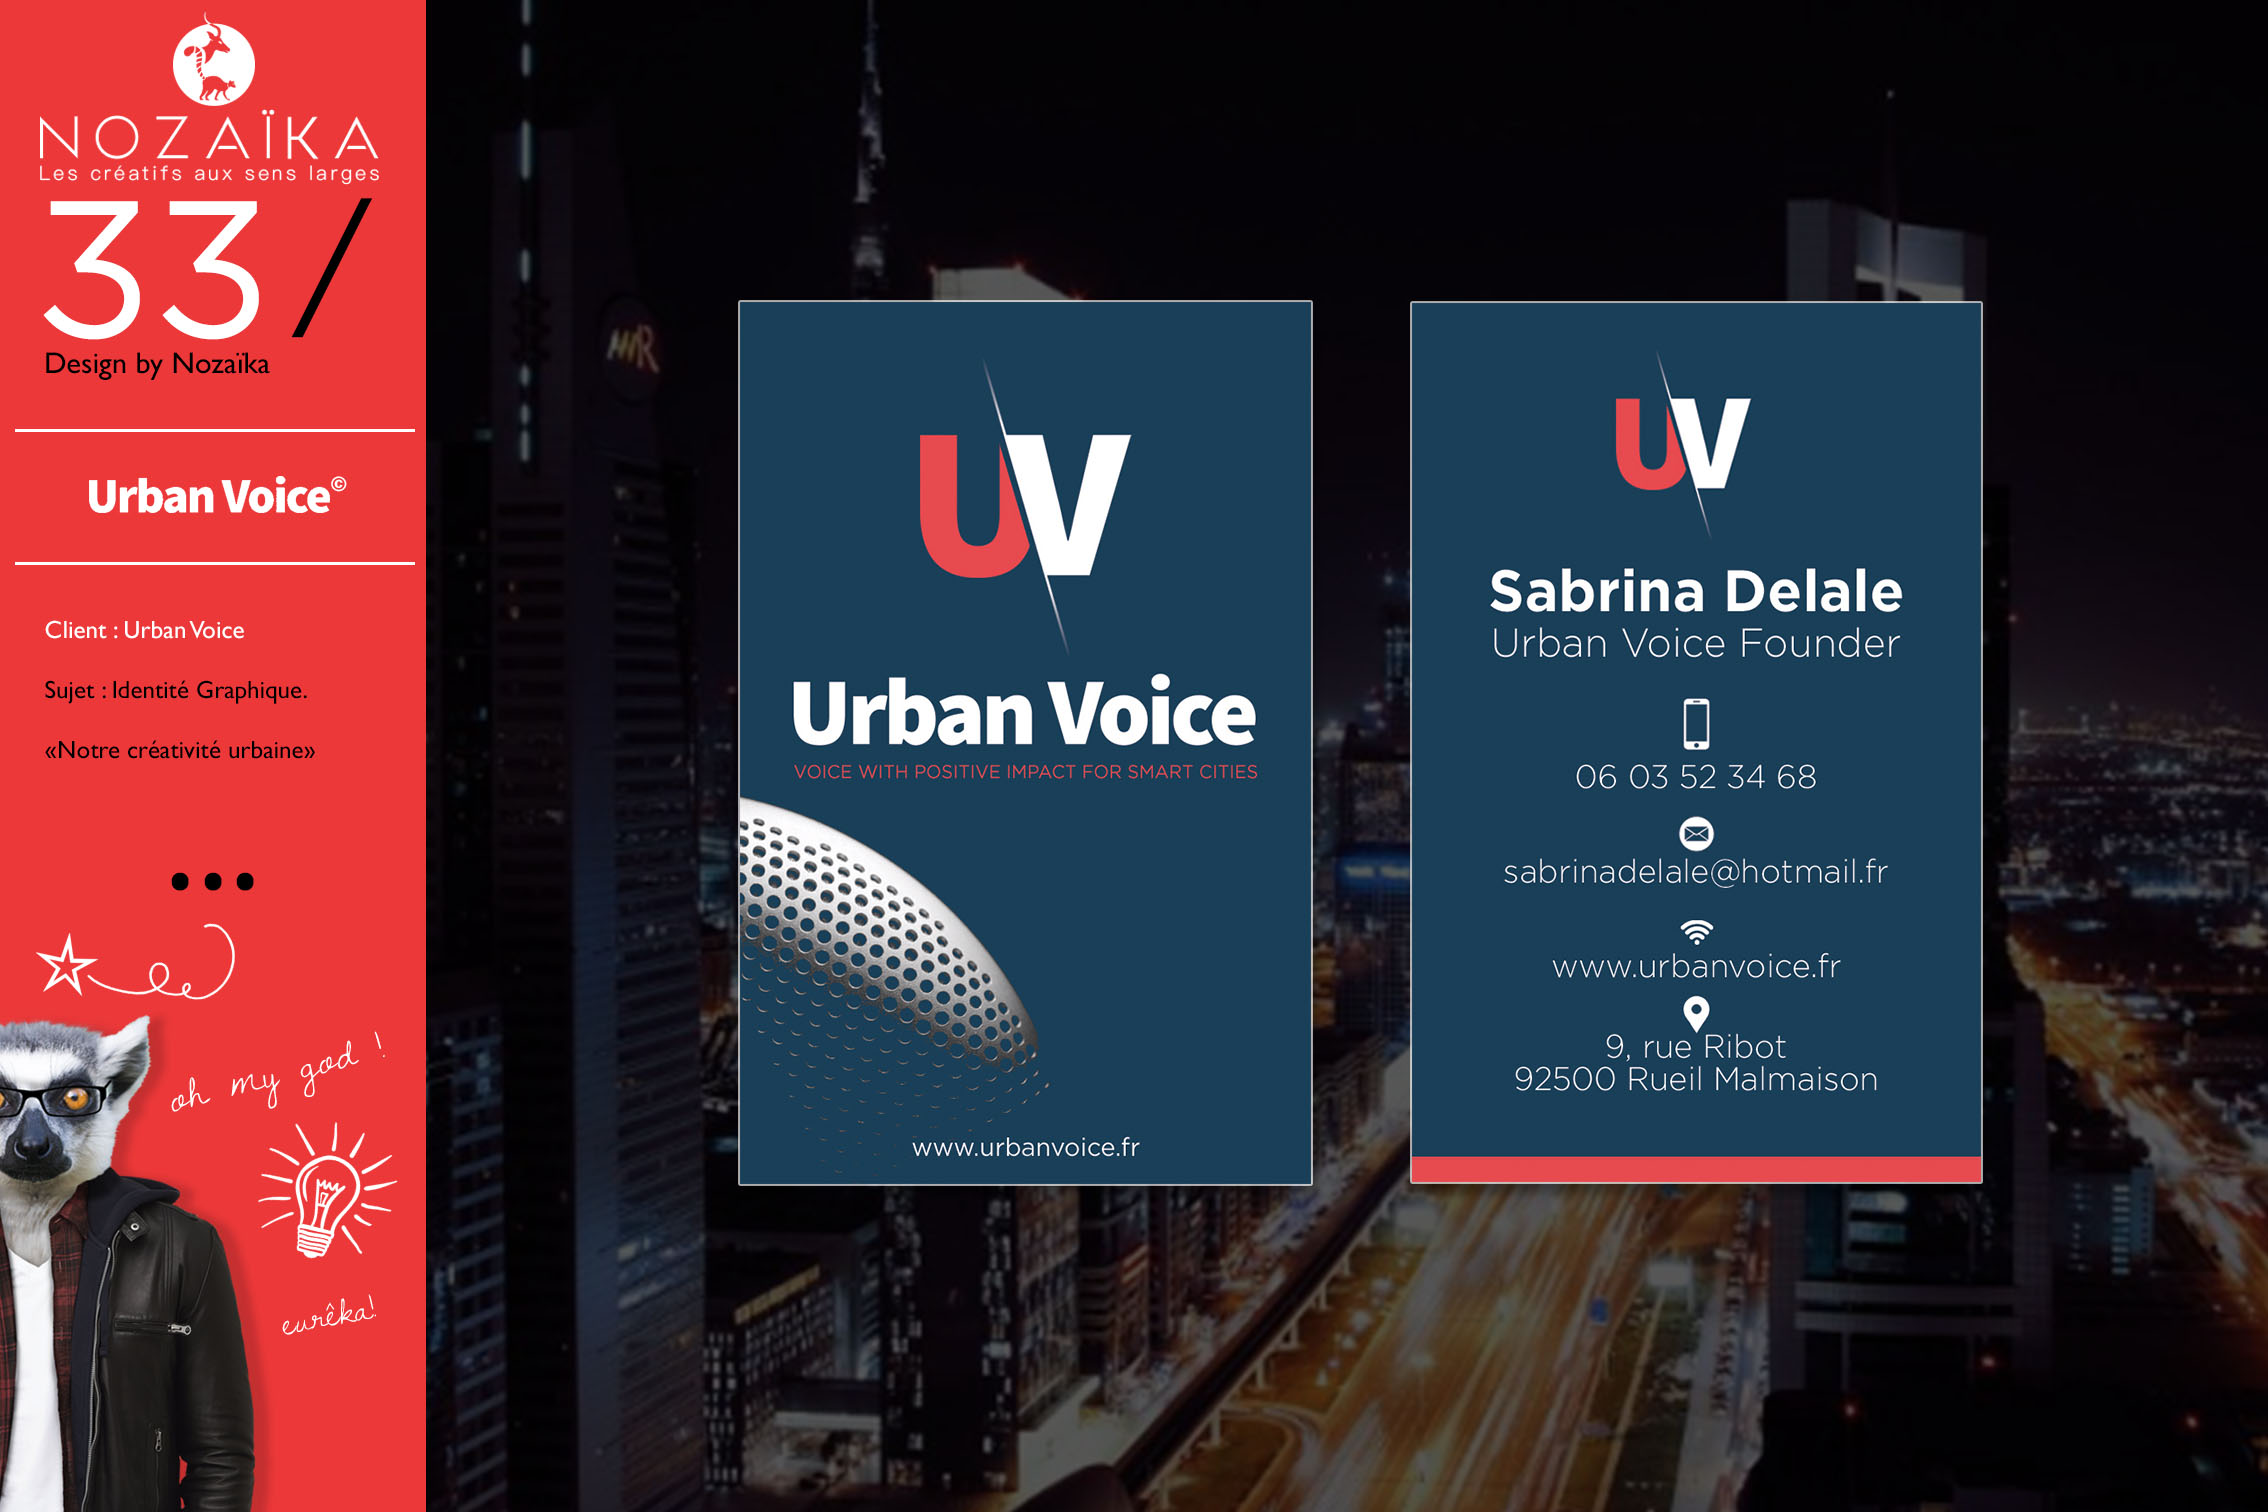 Urban Voice